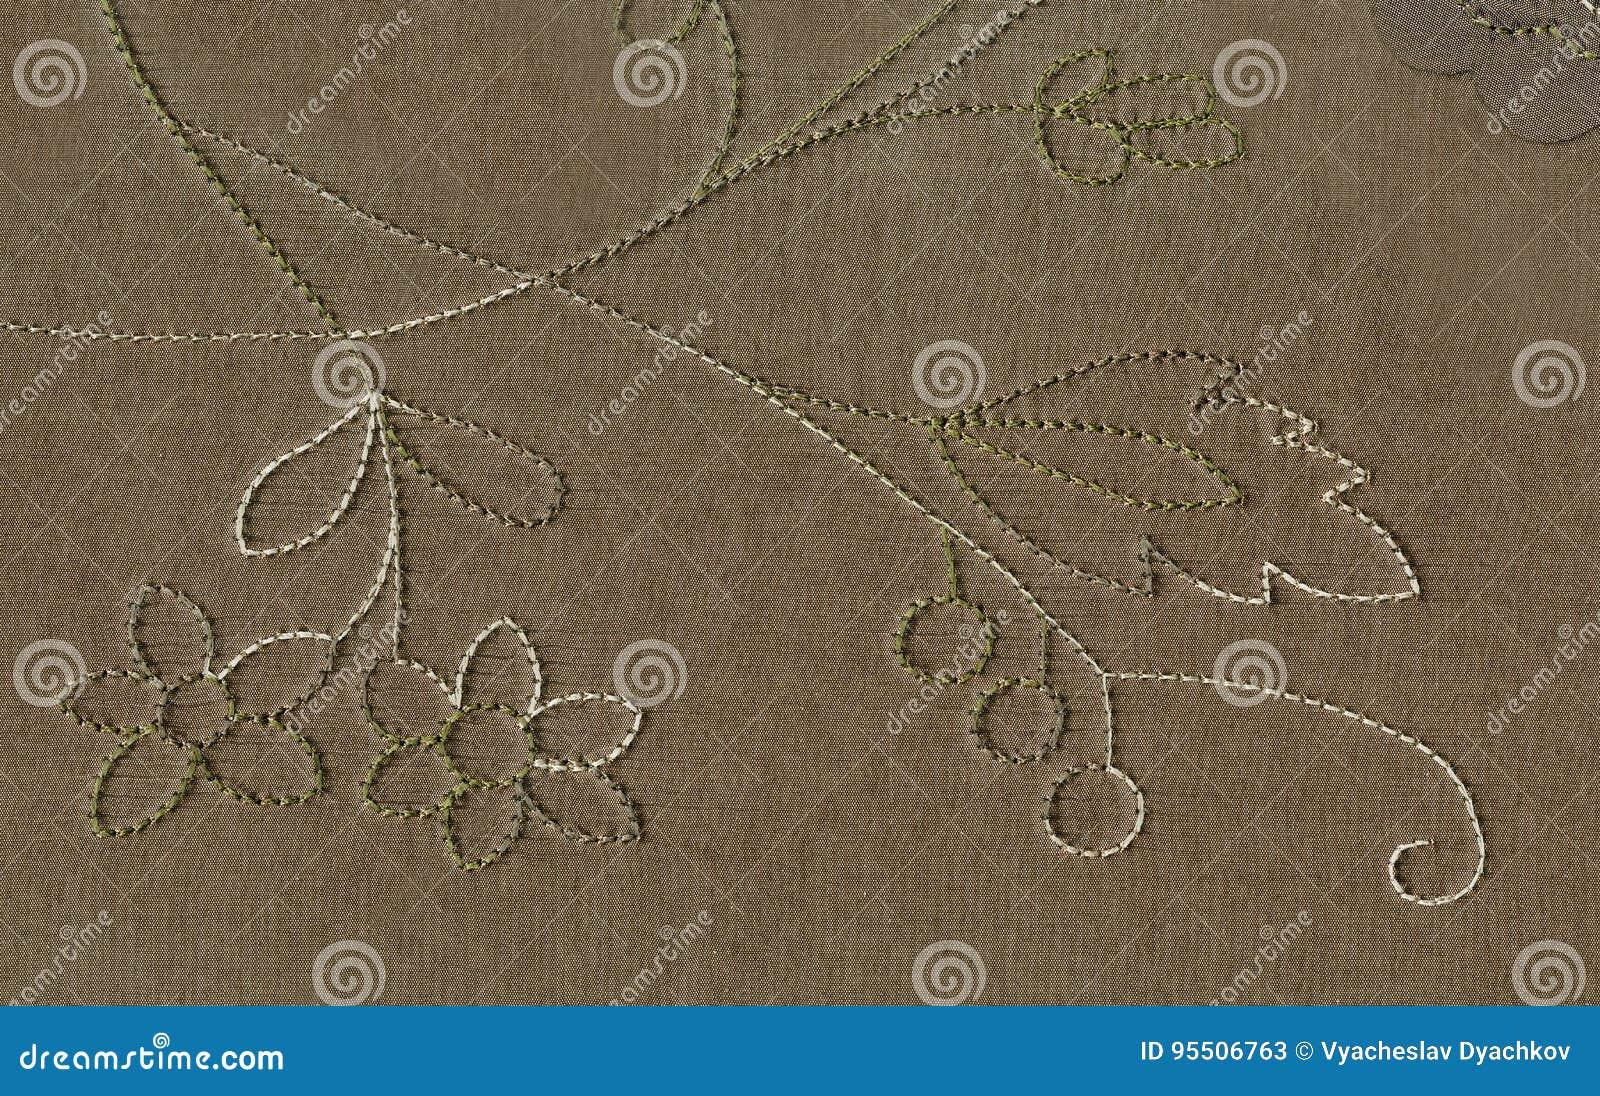 丝织物纹理与花饰的一个过大的visitim螺纹样式的 北艺术Nouvea的维多利亚女王时代的样式